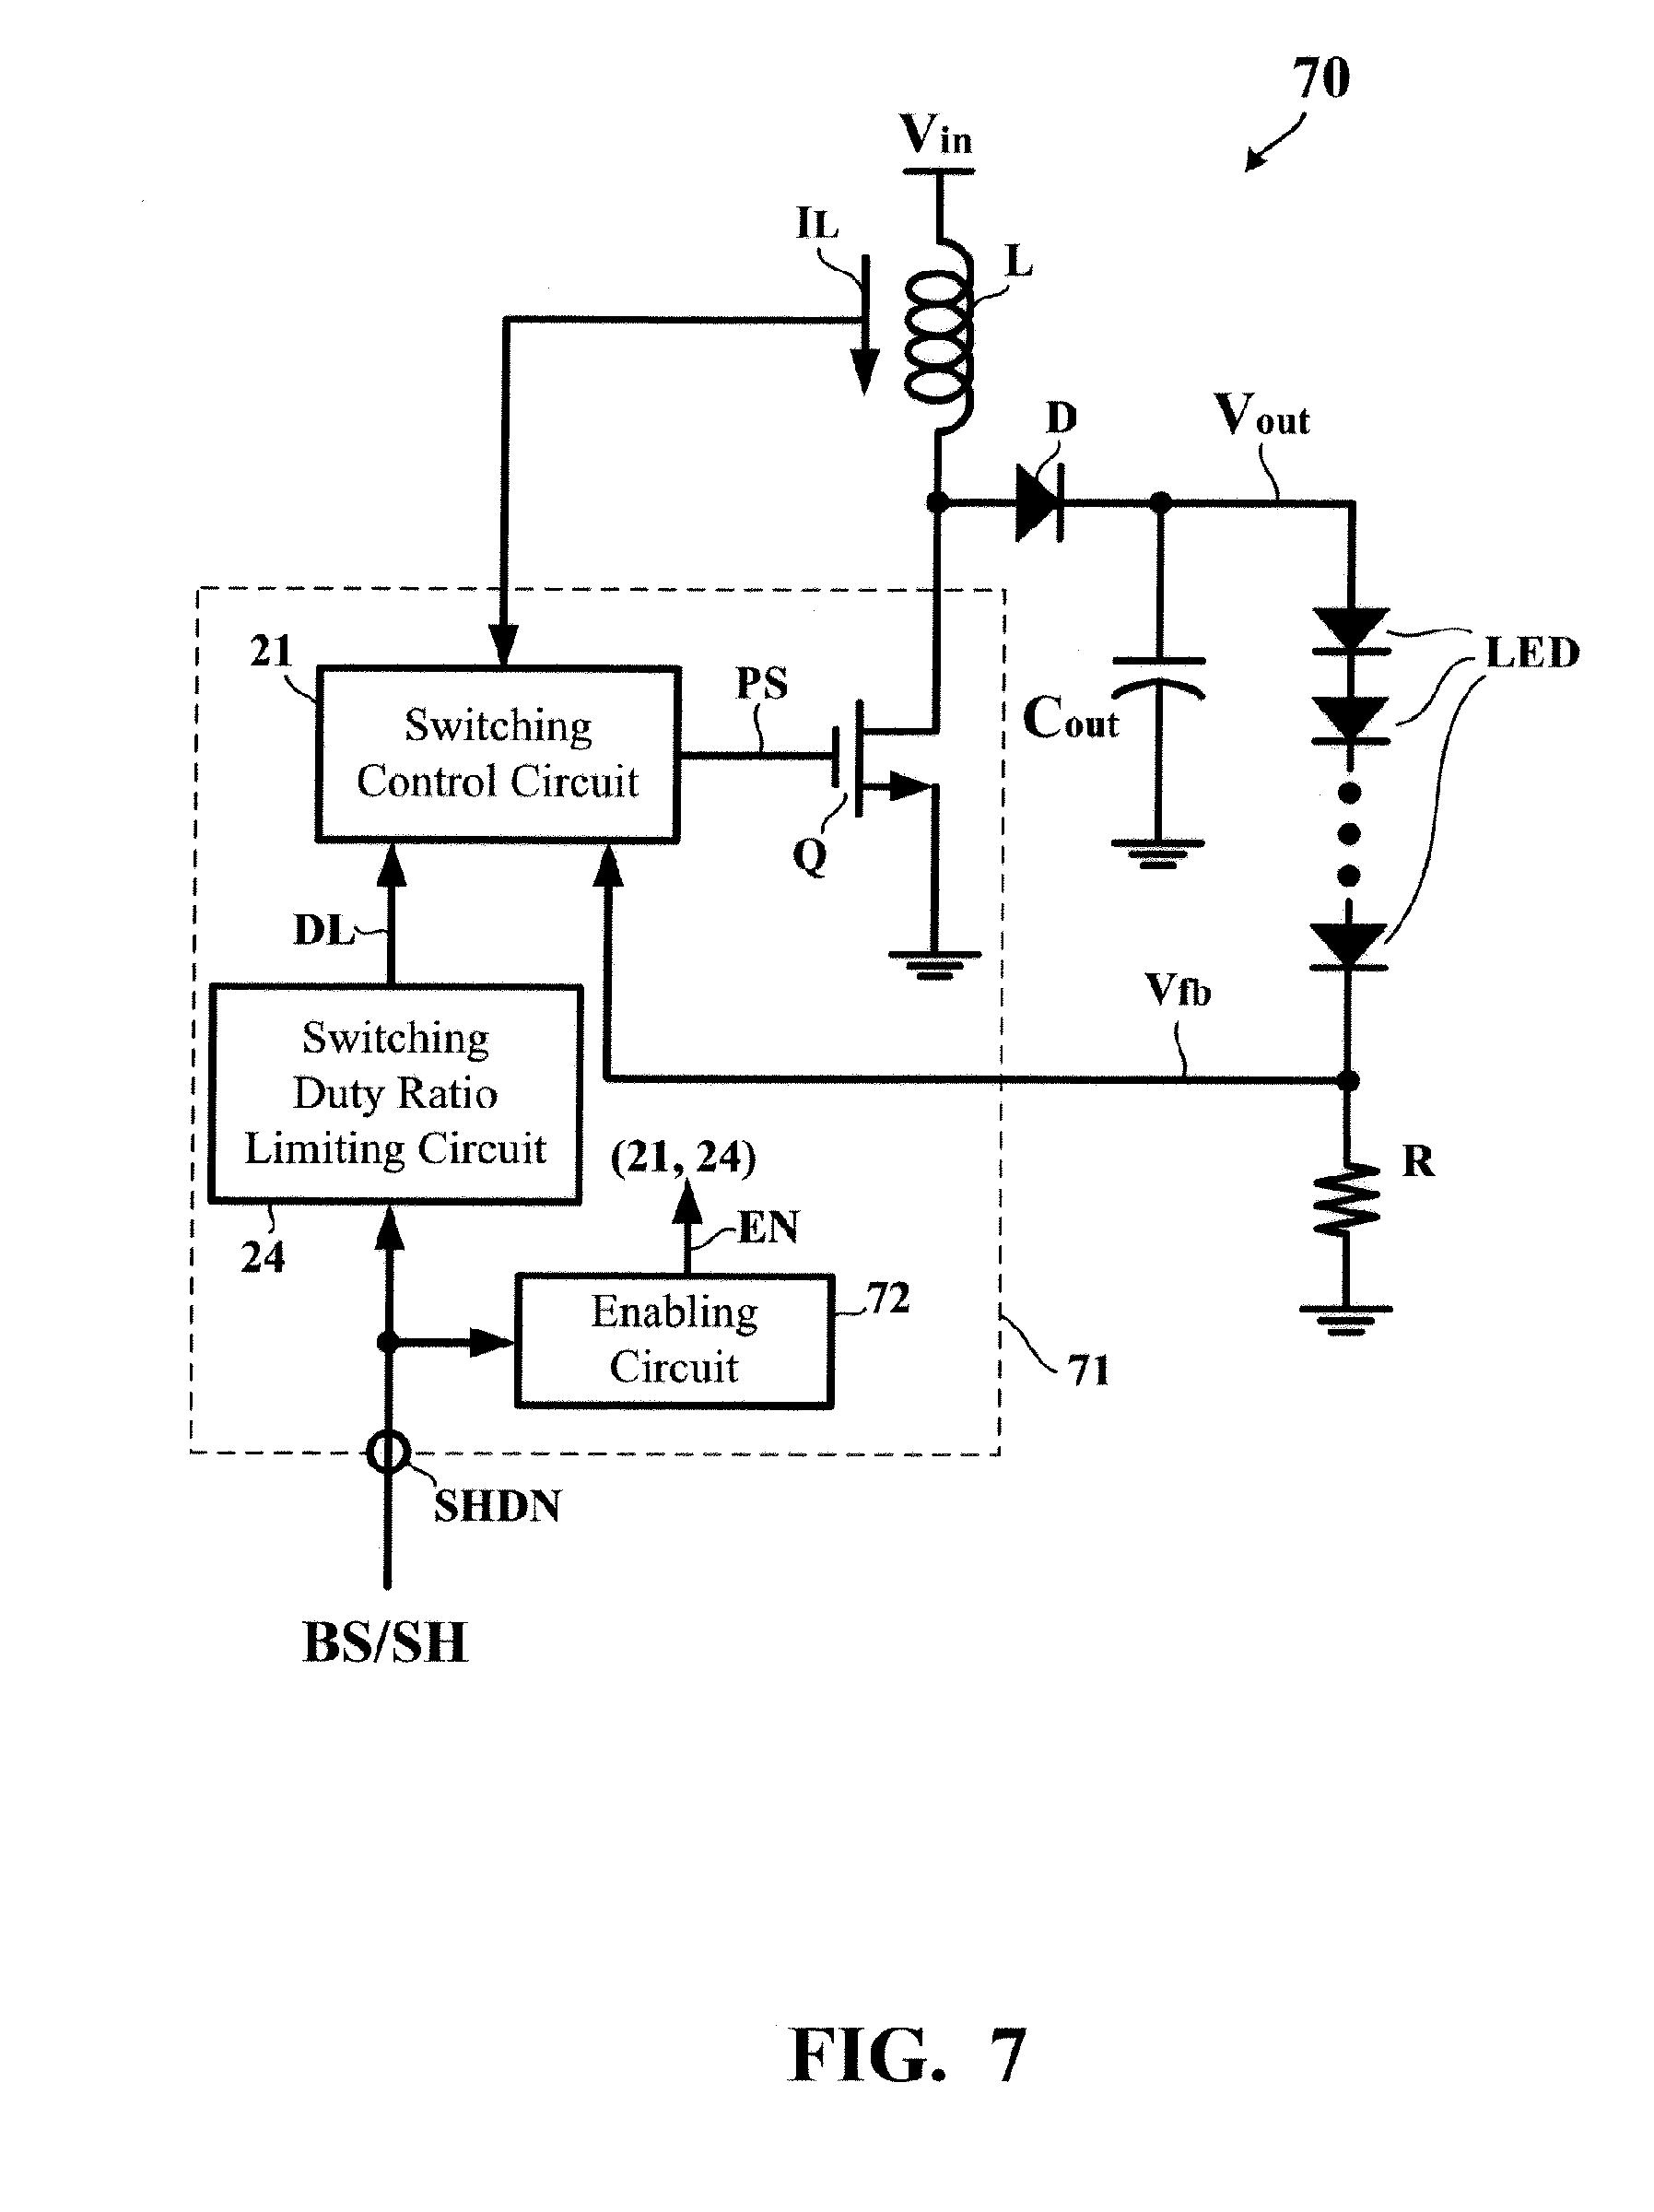 honda vtx wiring diagram 1300 2007 - imageresizertool com